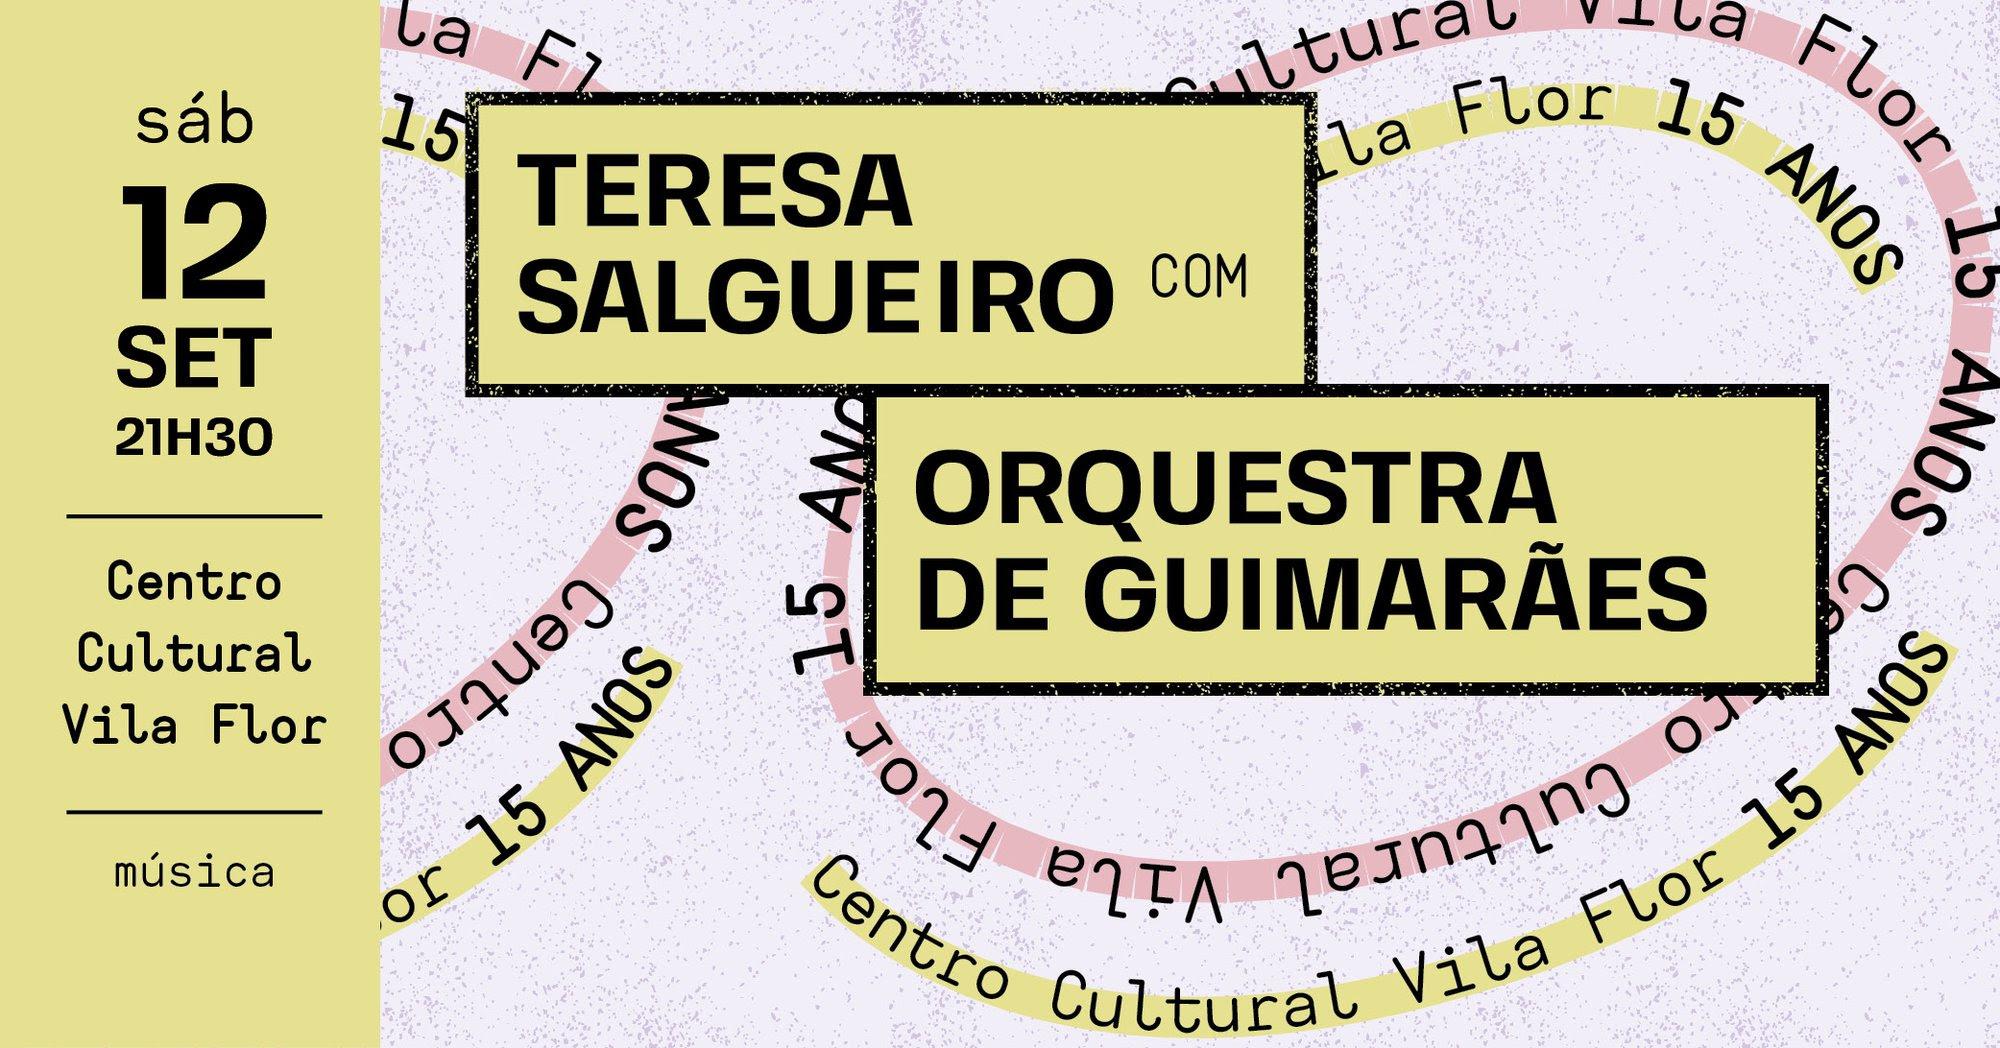 Teresa Salgueiro com Orquestra de Guimarães